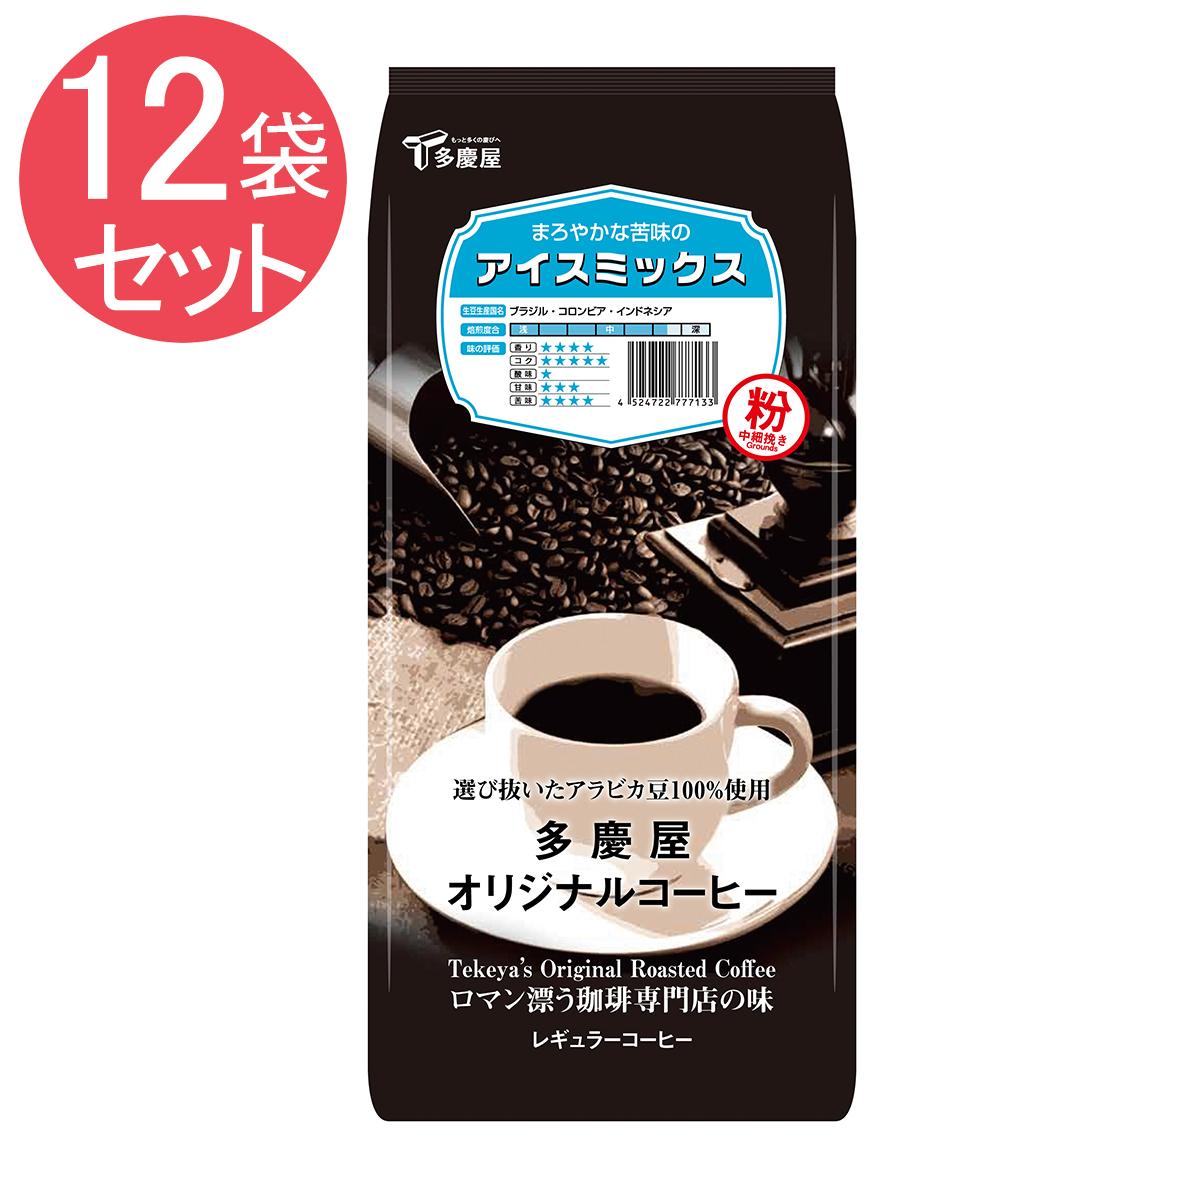 アイスミックス 粉 400g×12袋セット 多慶屋オリジナルコーヒー 【ロマン漂う珈琲専門店の味】 コーヒー粉 レギュラーコーヒー 珈琲